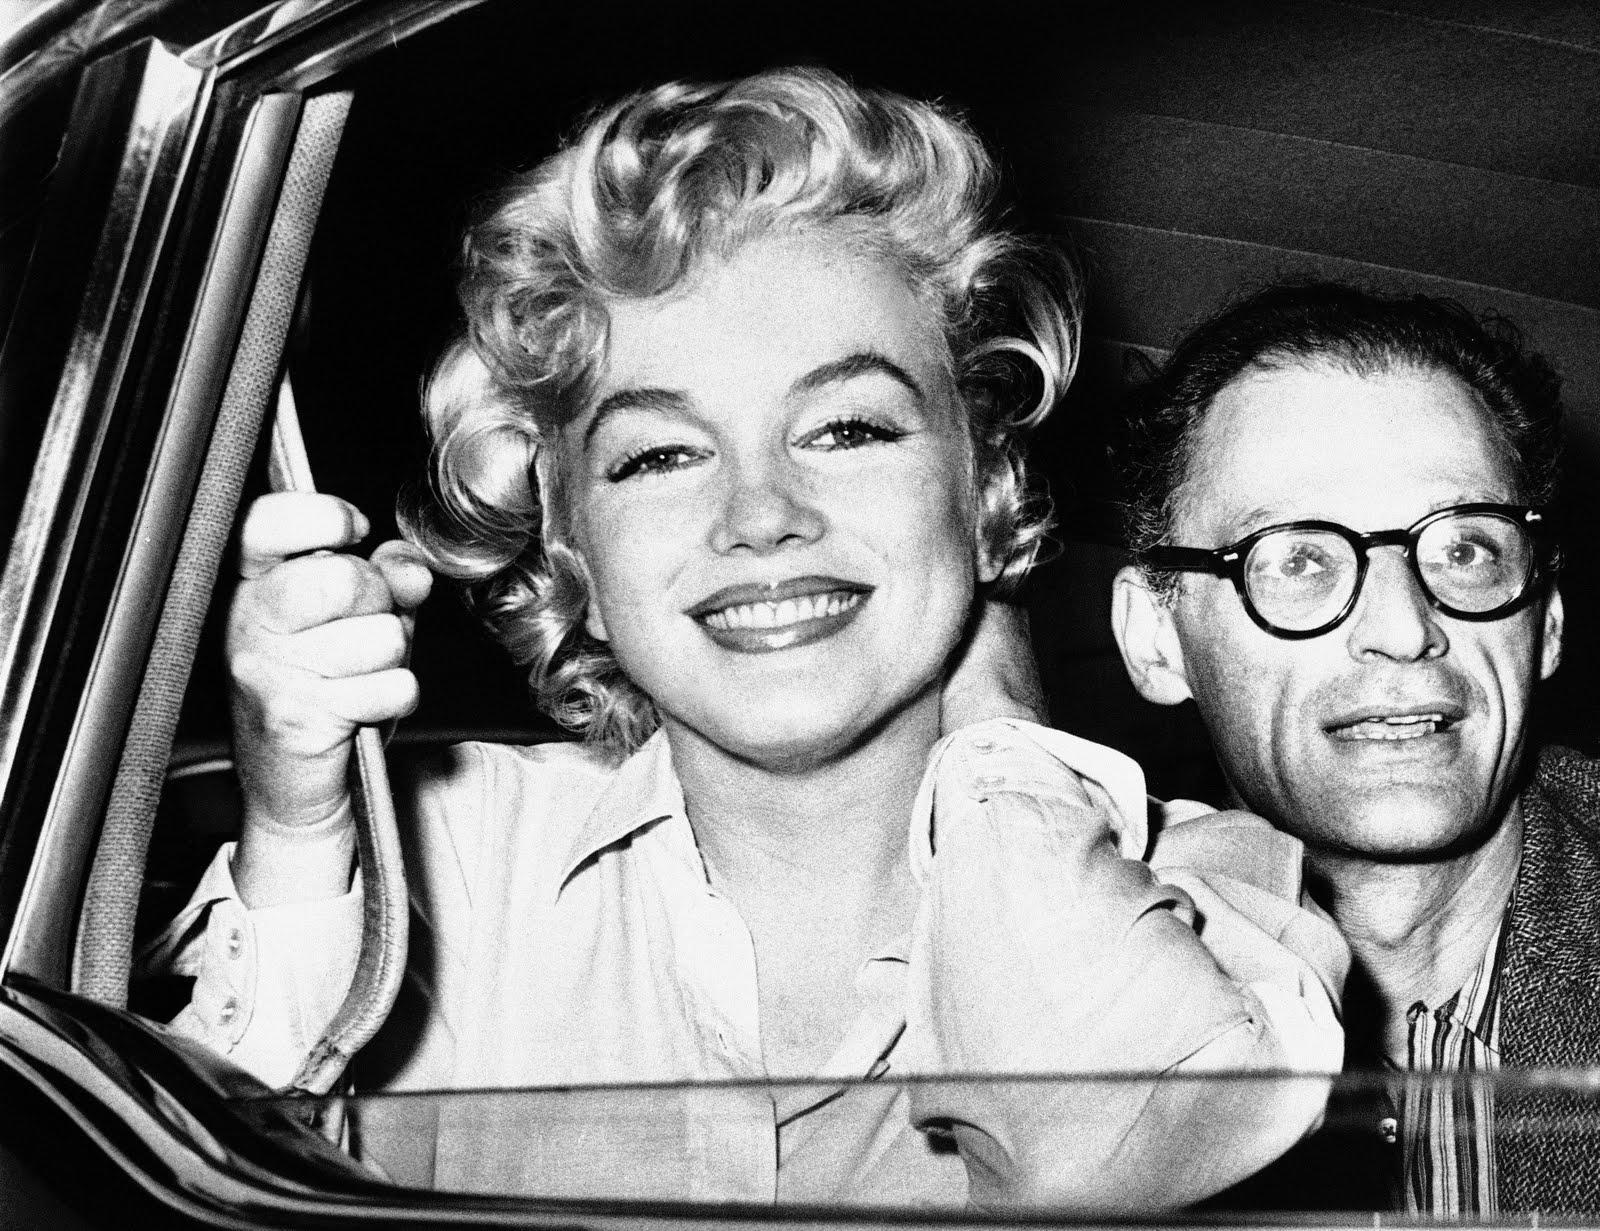 http://2.bp.blogspot.com/-tebvce_Rntw/TVRu79KsZrI/AAAAAAAAAXI/Z4FGROdmuJk/s1600/Marilyn%2Bmonroe_arthur%2Bmiller_1959_AP.jpg